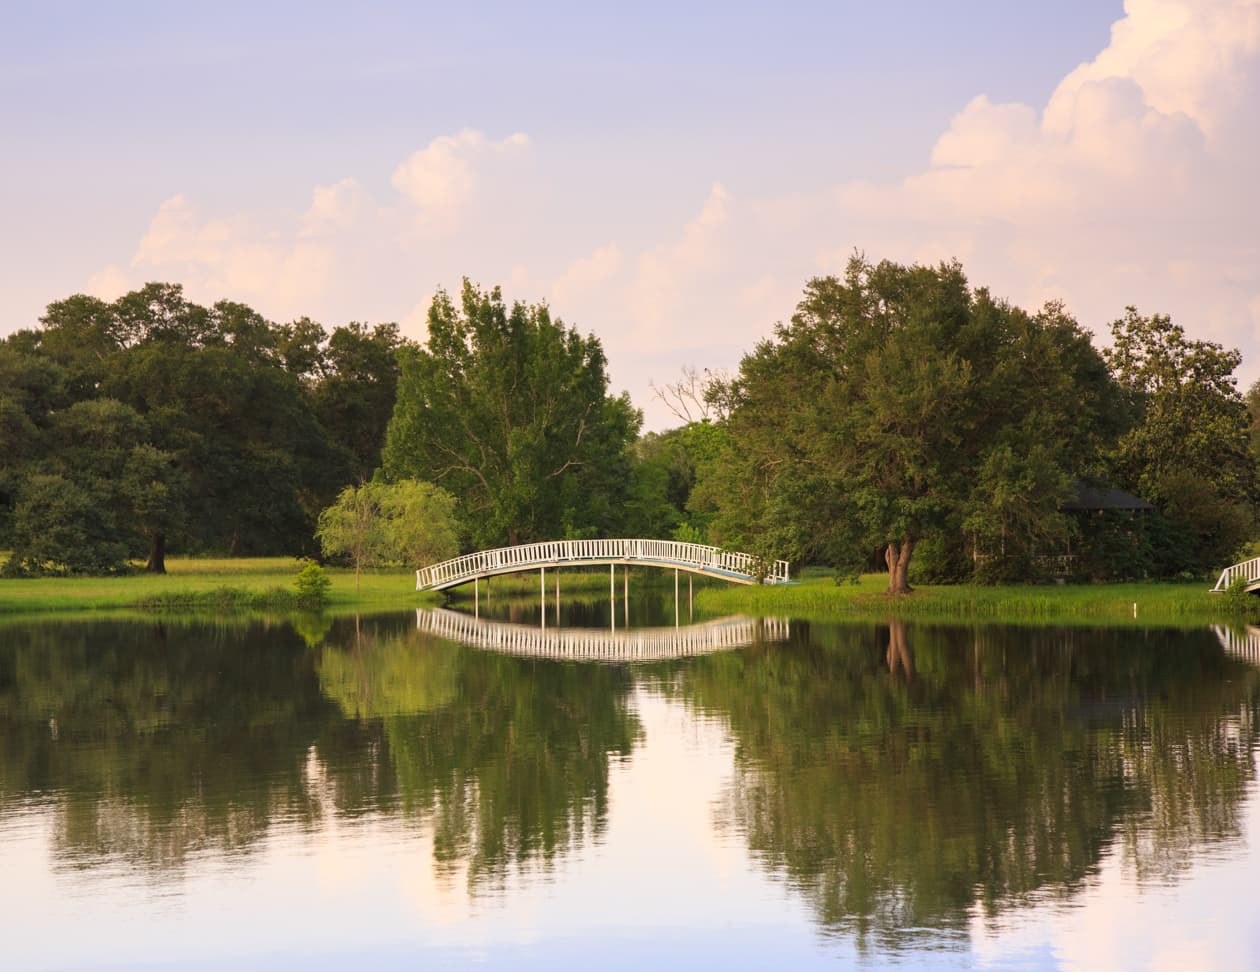 Bridge at the Enchanted Lake